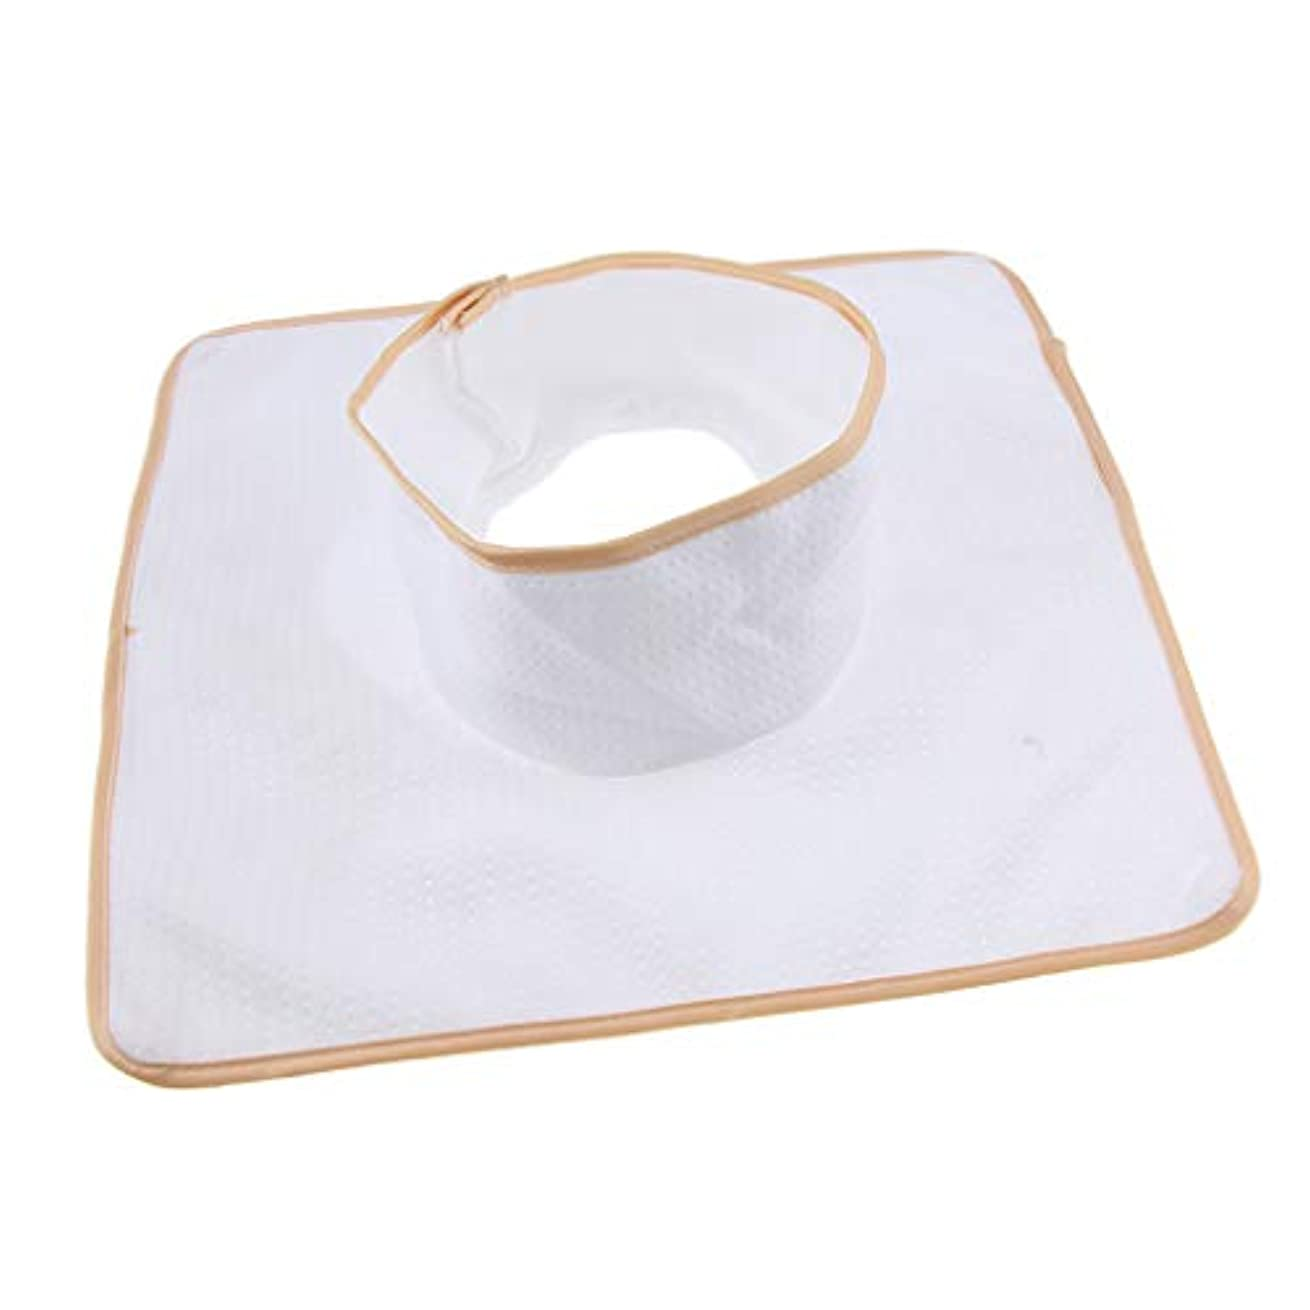 変形エッセンス維持マッサージ ベッド テーブル ヘッドパッド 頭の穴付 再使用可能 約35×35cm 全3色 - 白